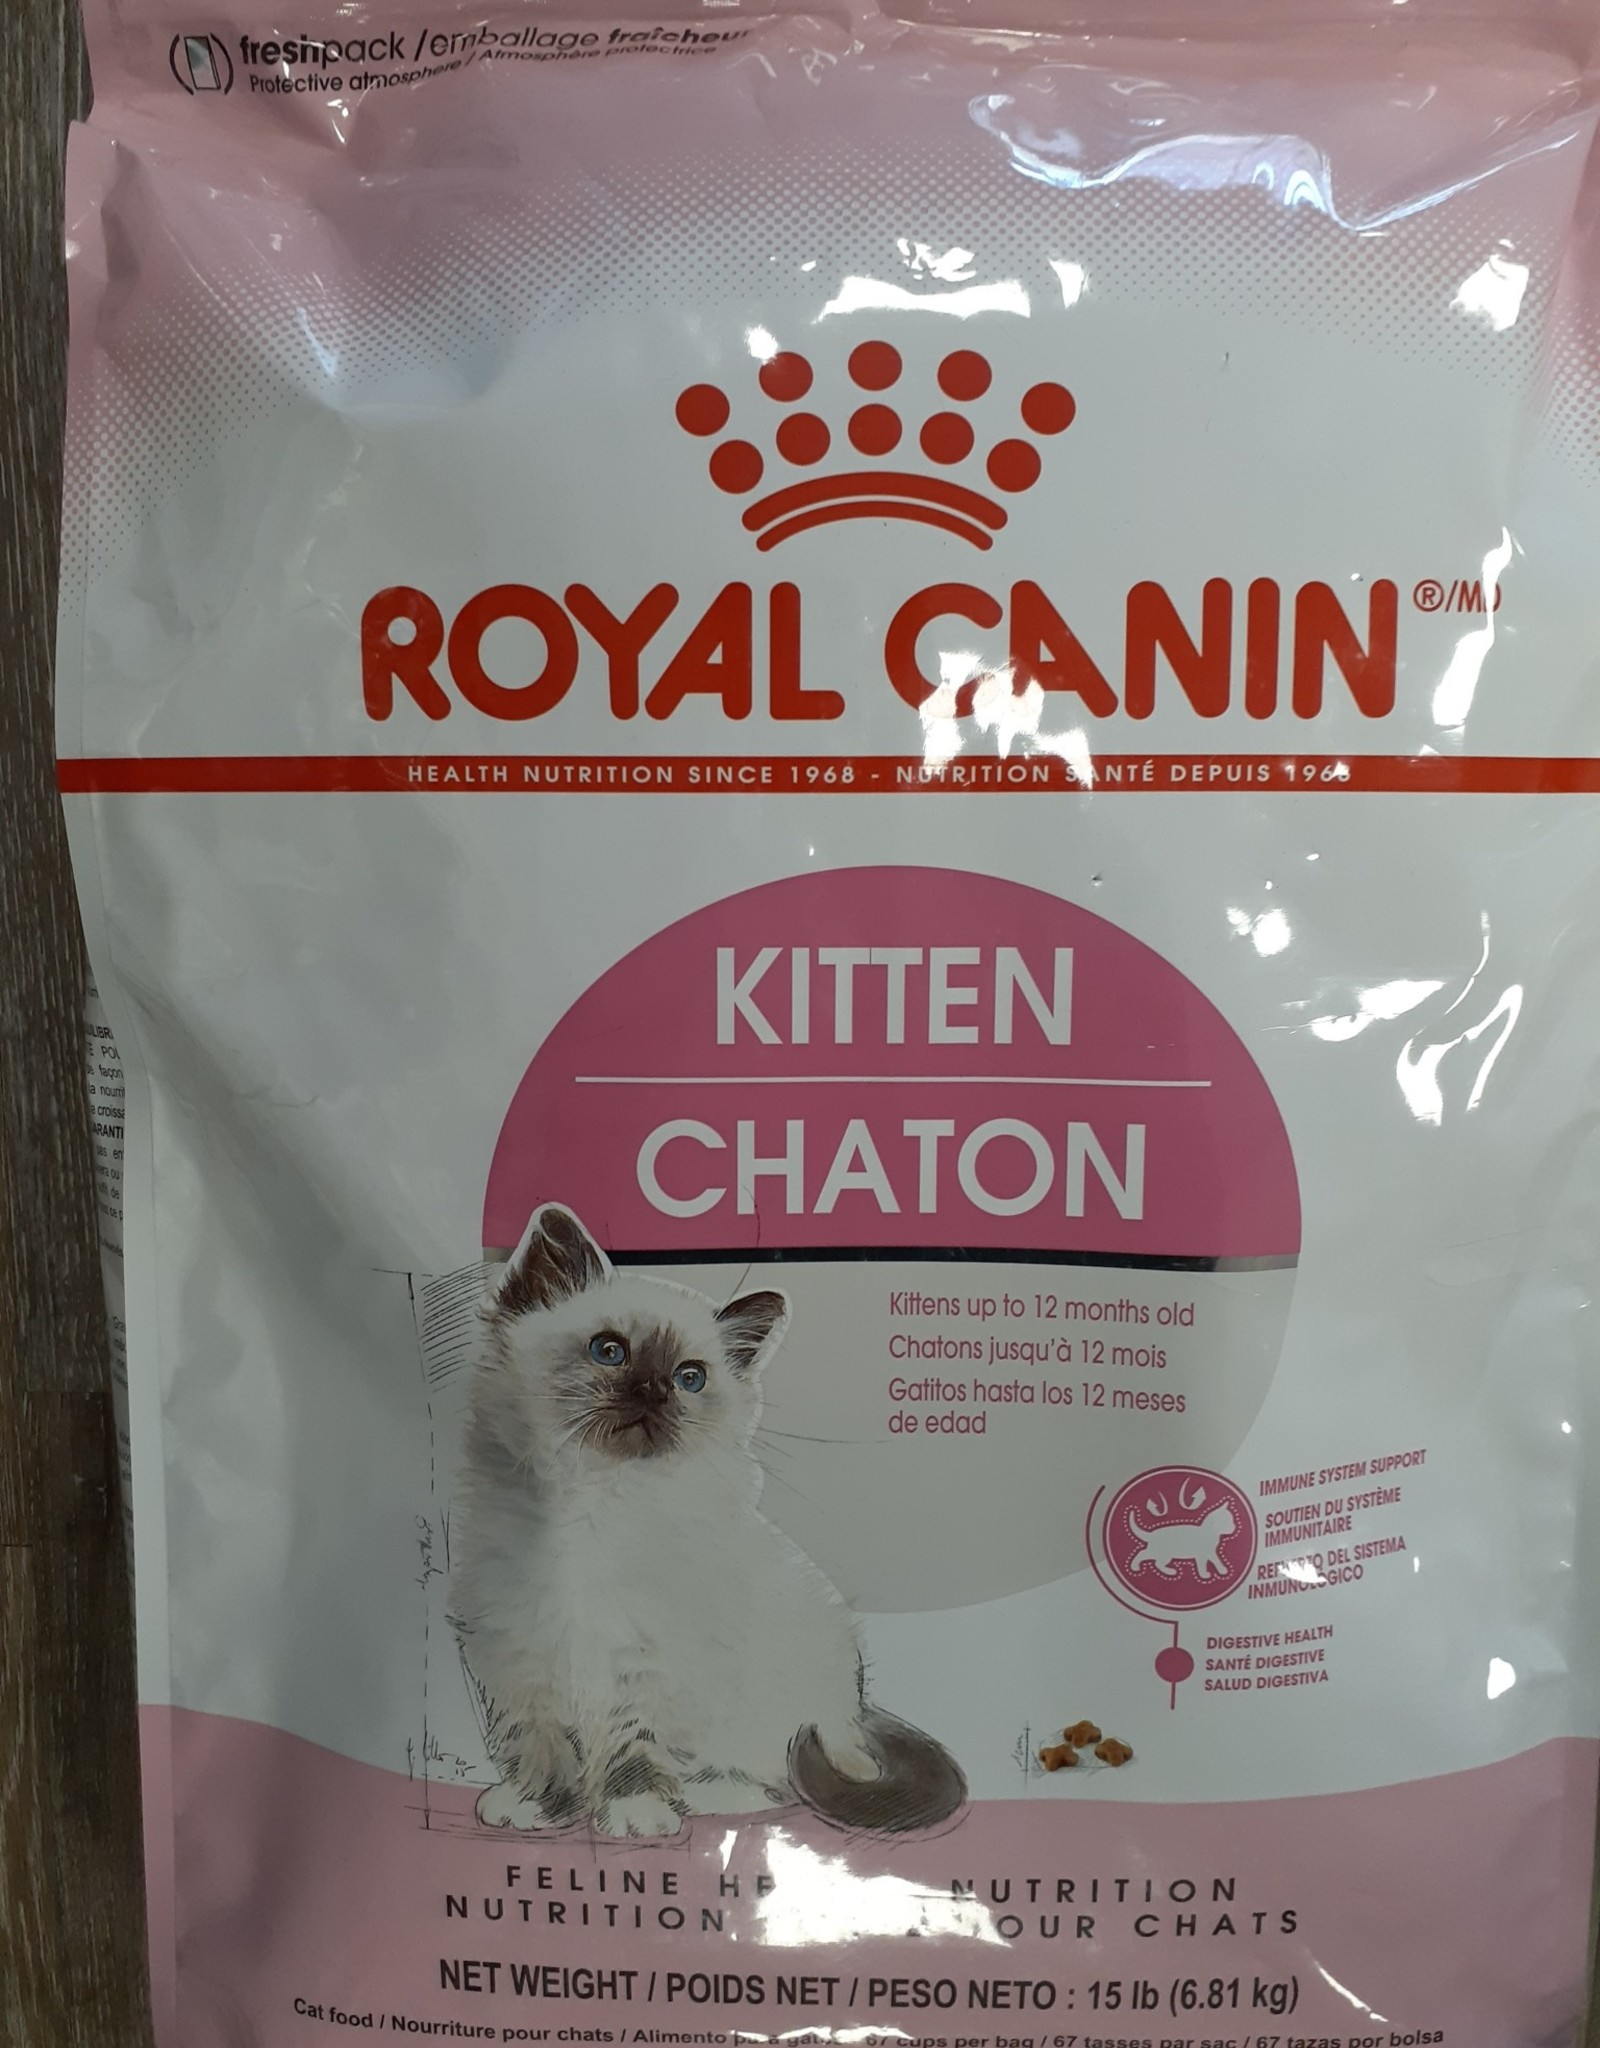 Royal Canin Royal Canin Kitten 15lb XXX